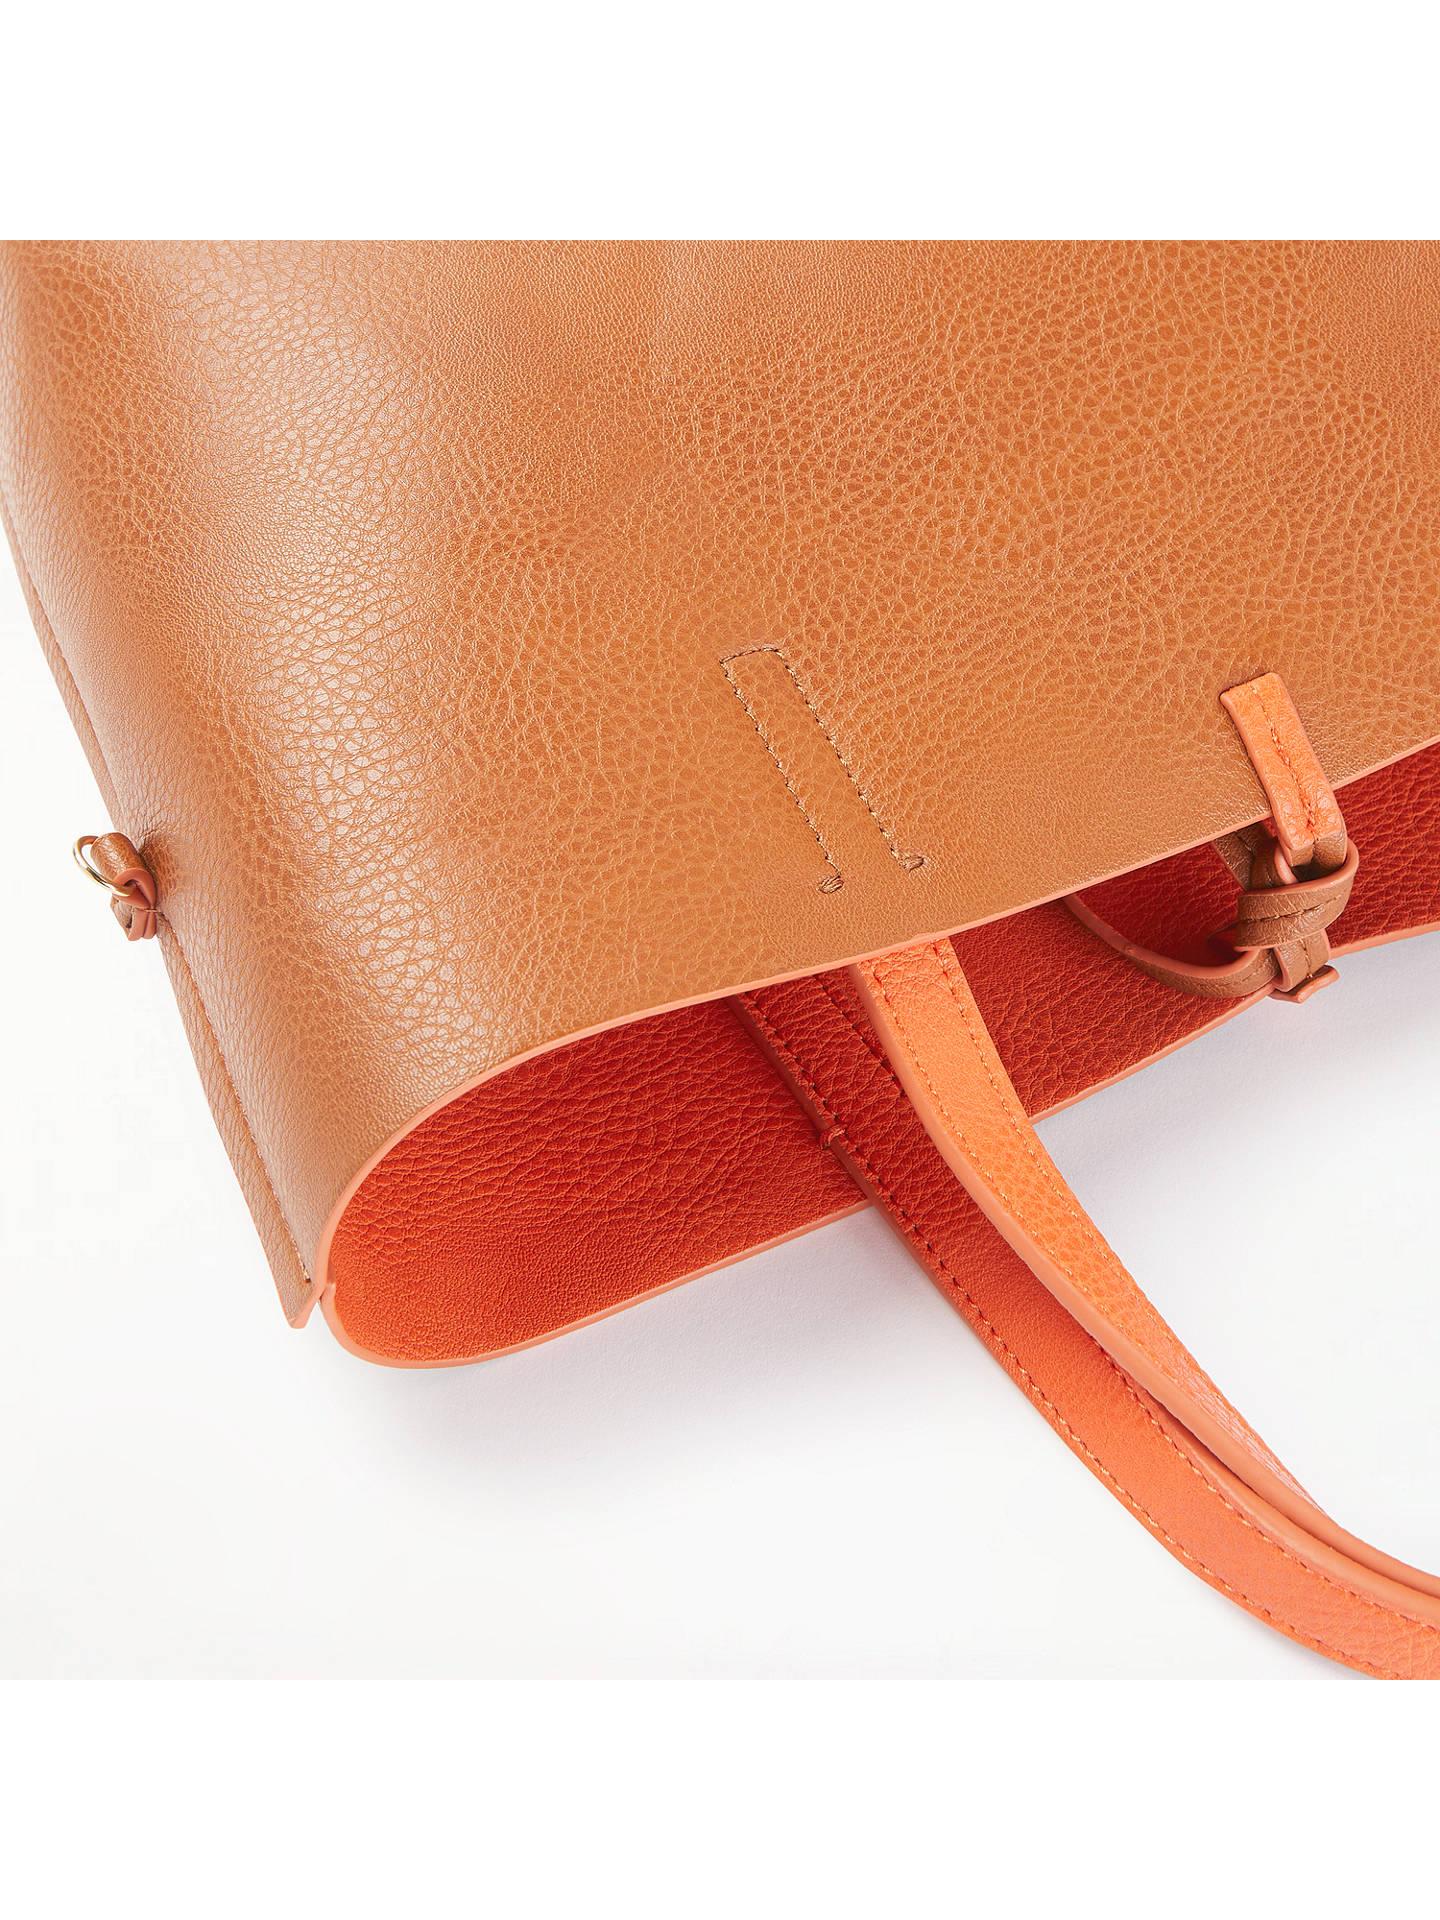 John Lewis Partners Rachel Reversible Grab Bag Orange Tan